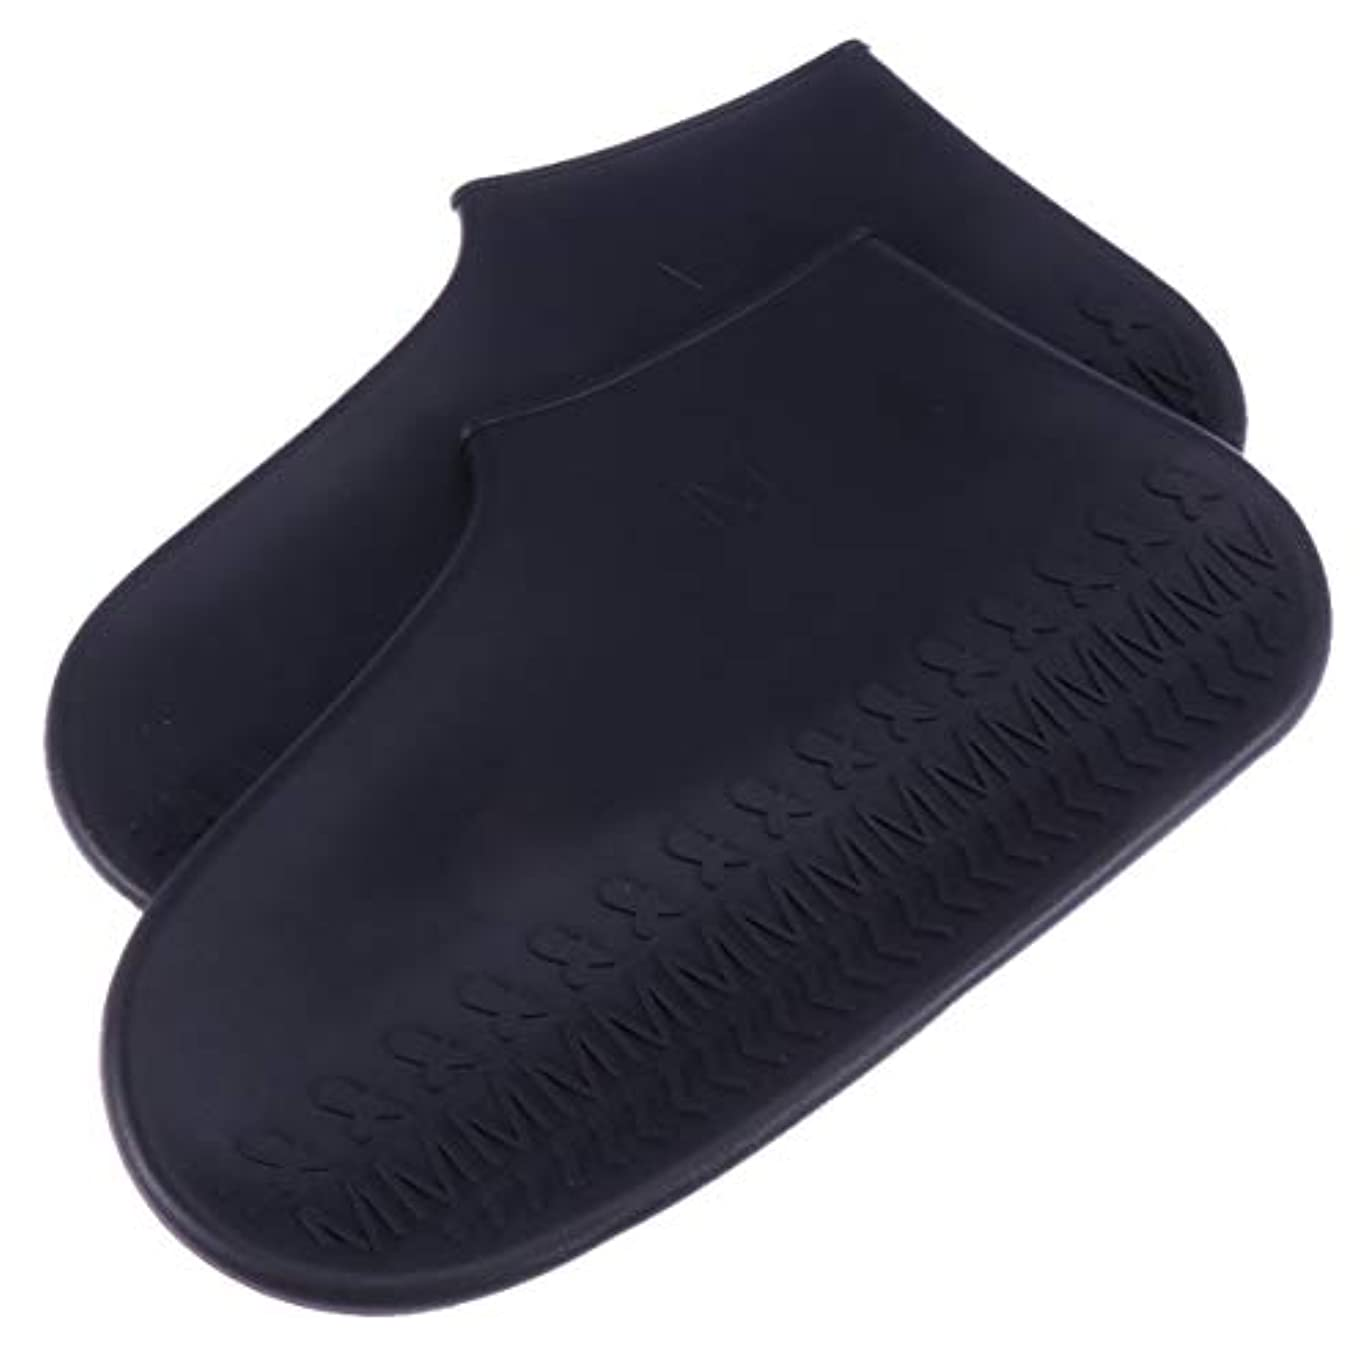 飢研究所落花生SUPVOX 靴カバーアンチスキッドレインシューズカバーシリコン雨靴カバーサイクリング雨の日1ペア